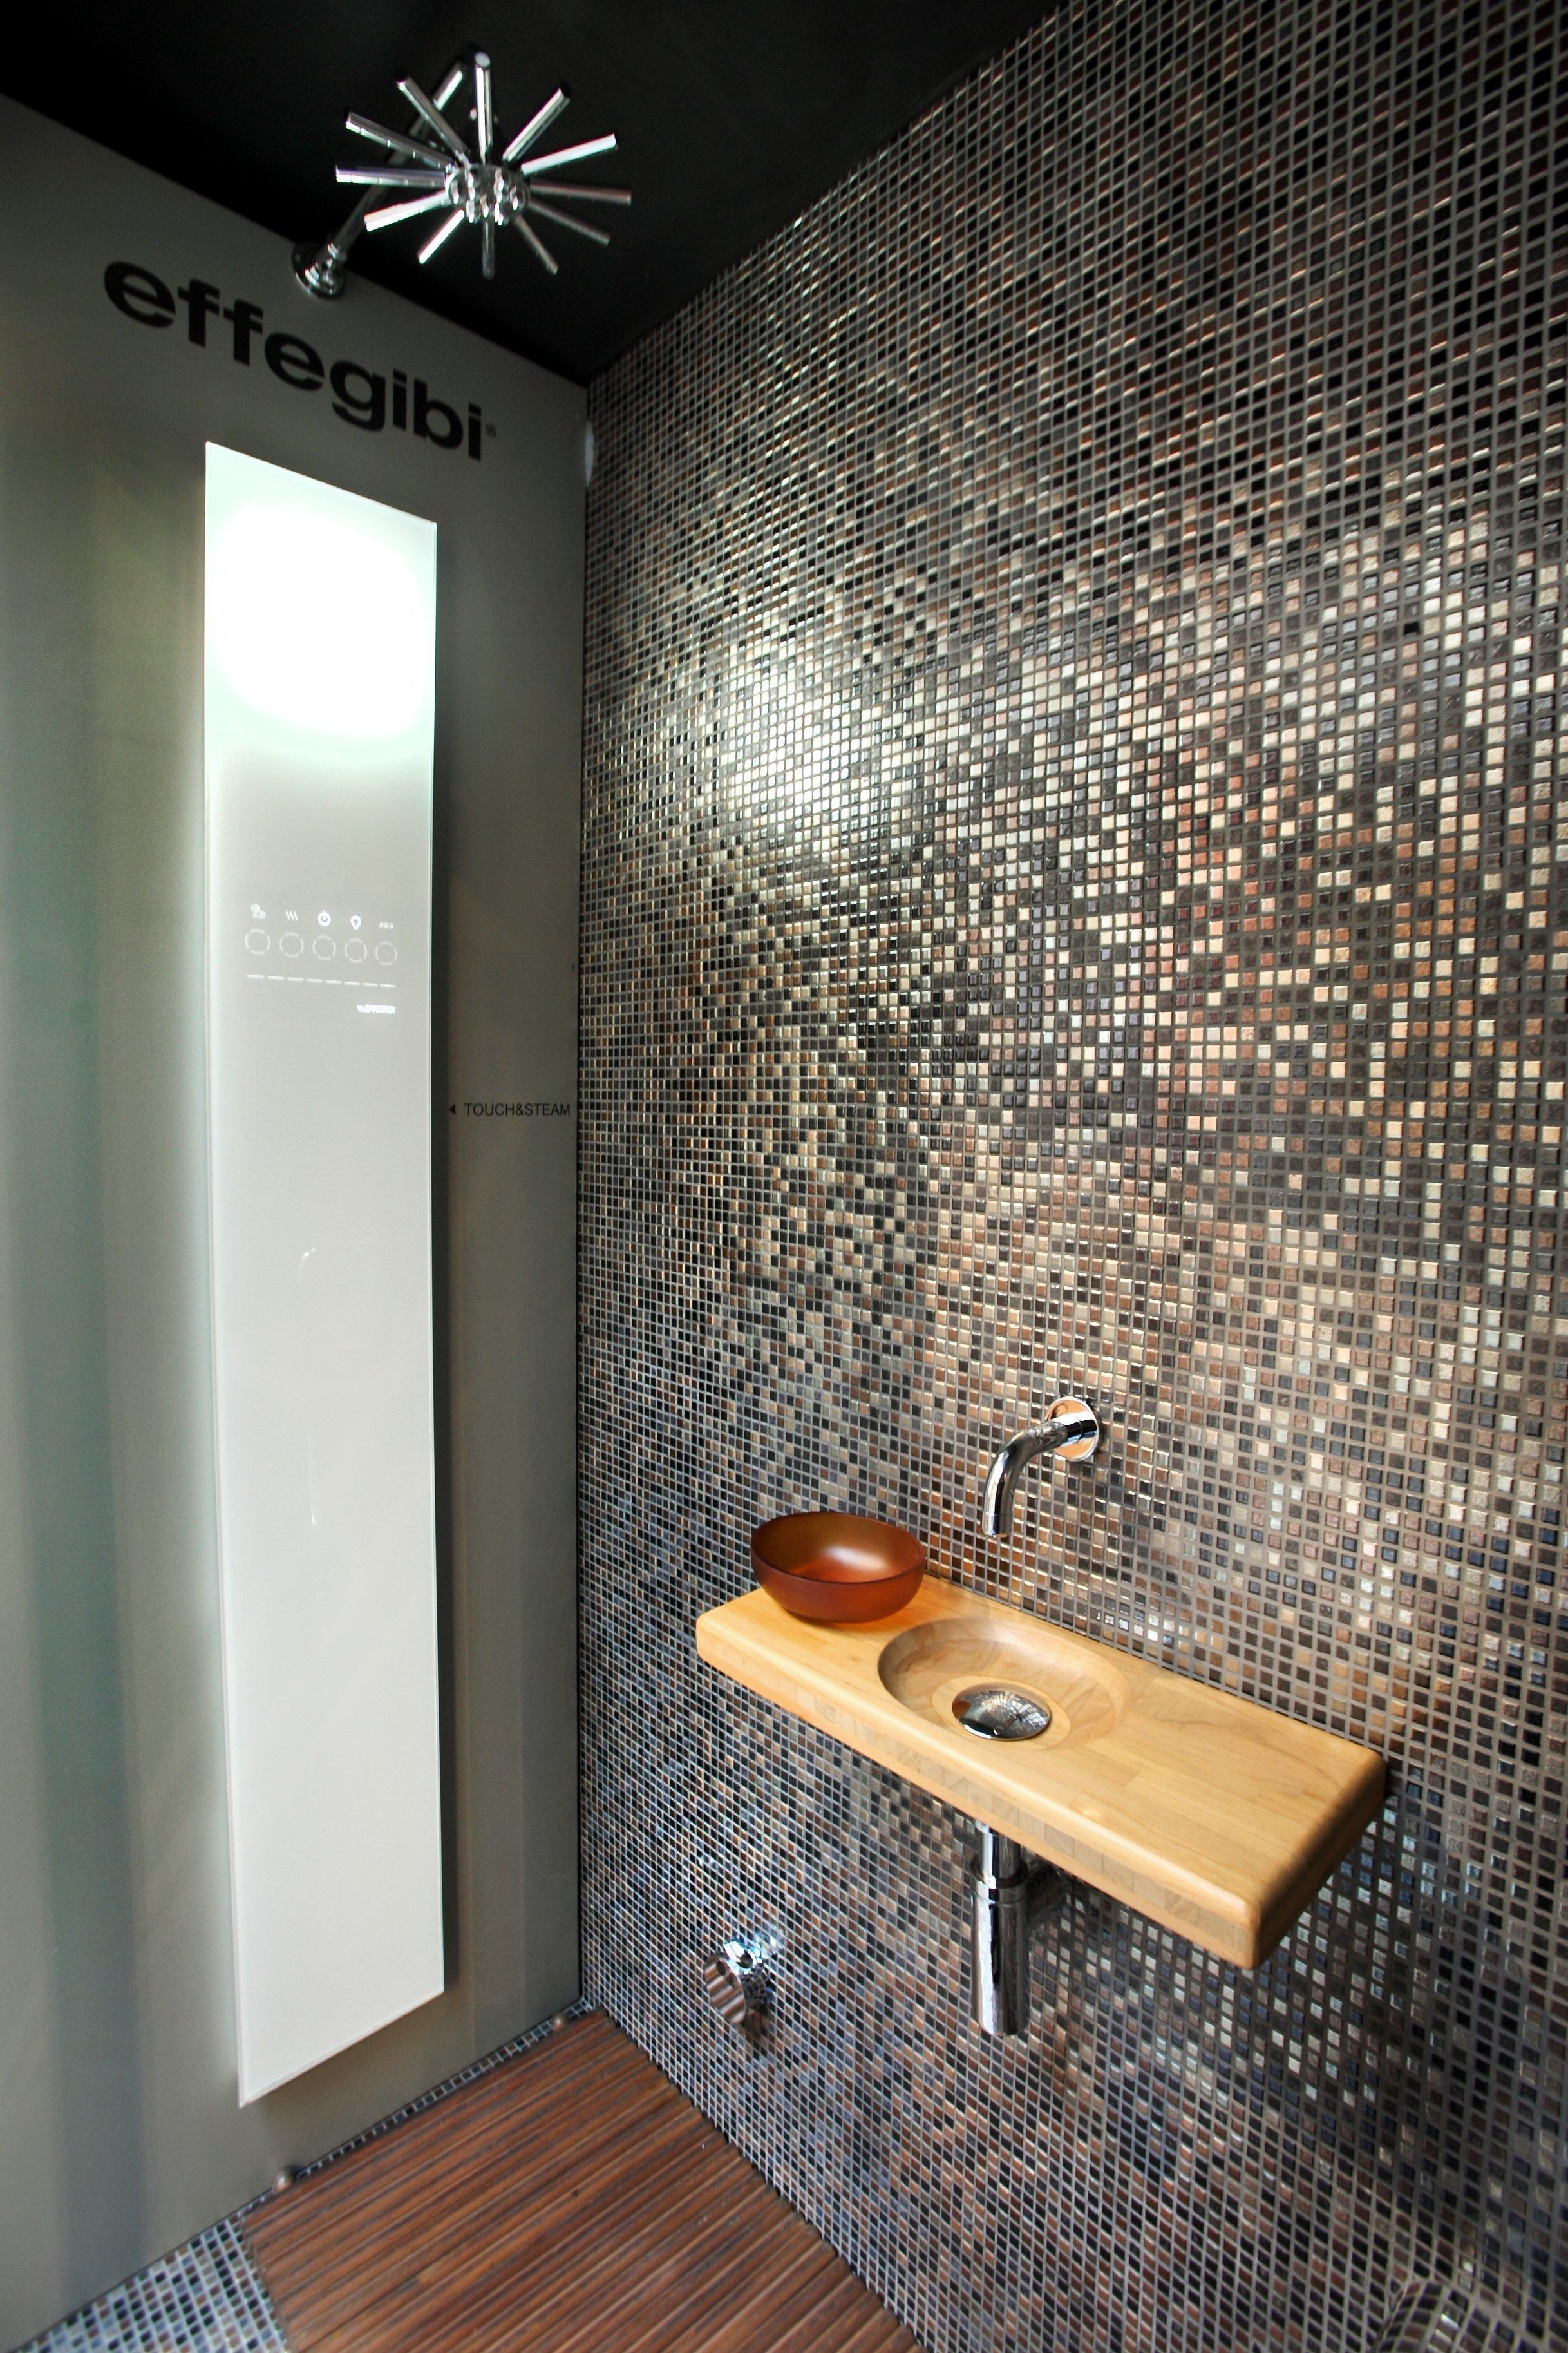 Vista laterale di  un bagno in legno.